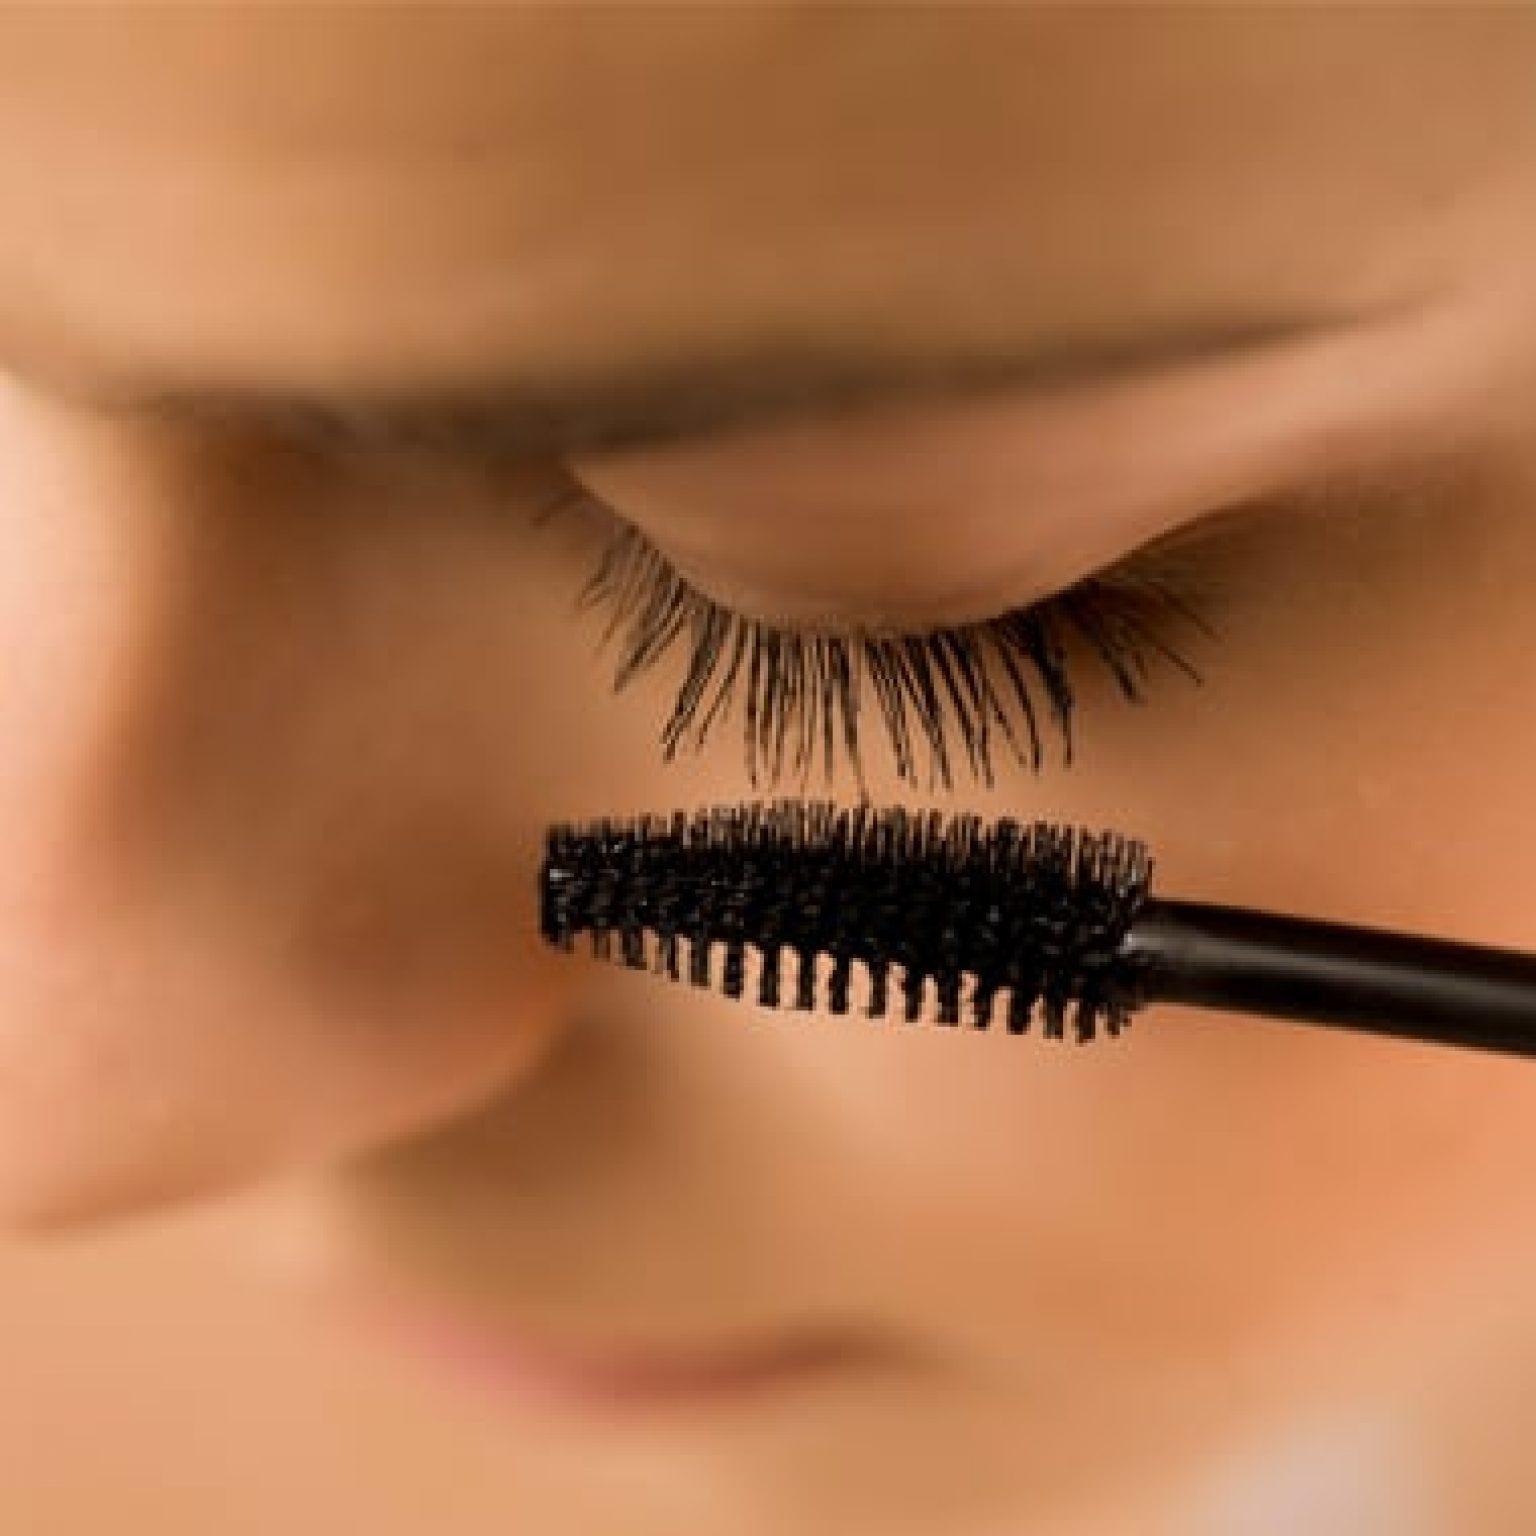 Mascara Anwendung an den Augen